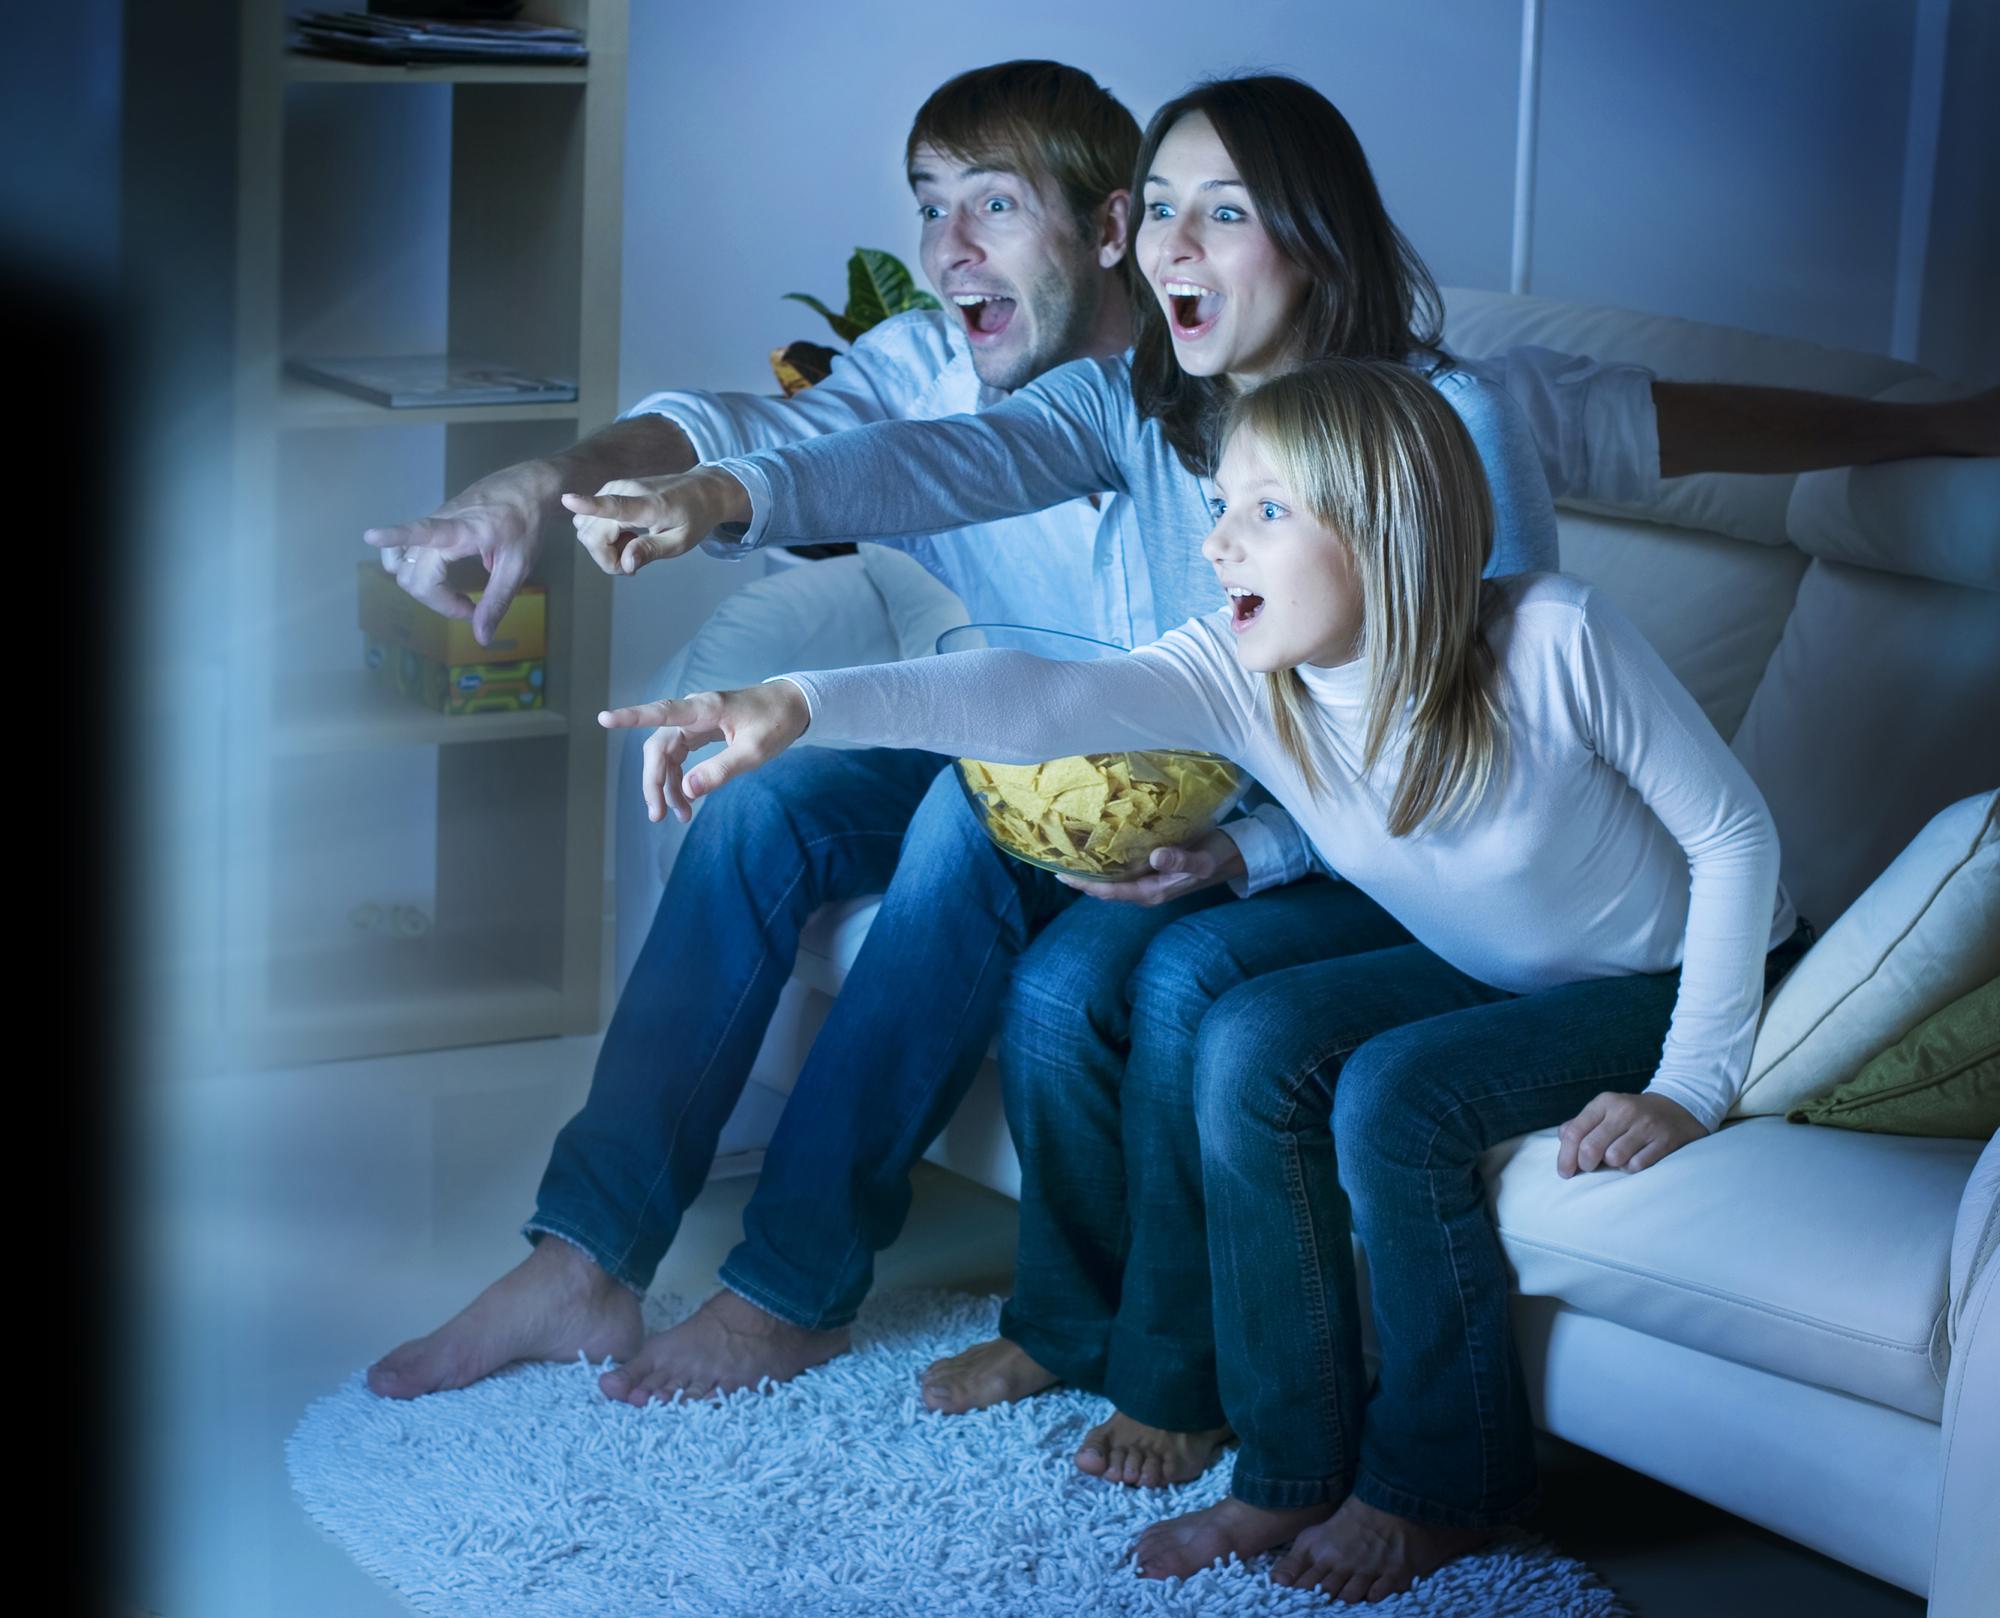 Как выбрать фильм для семейного просмотра